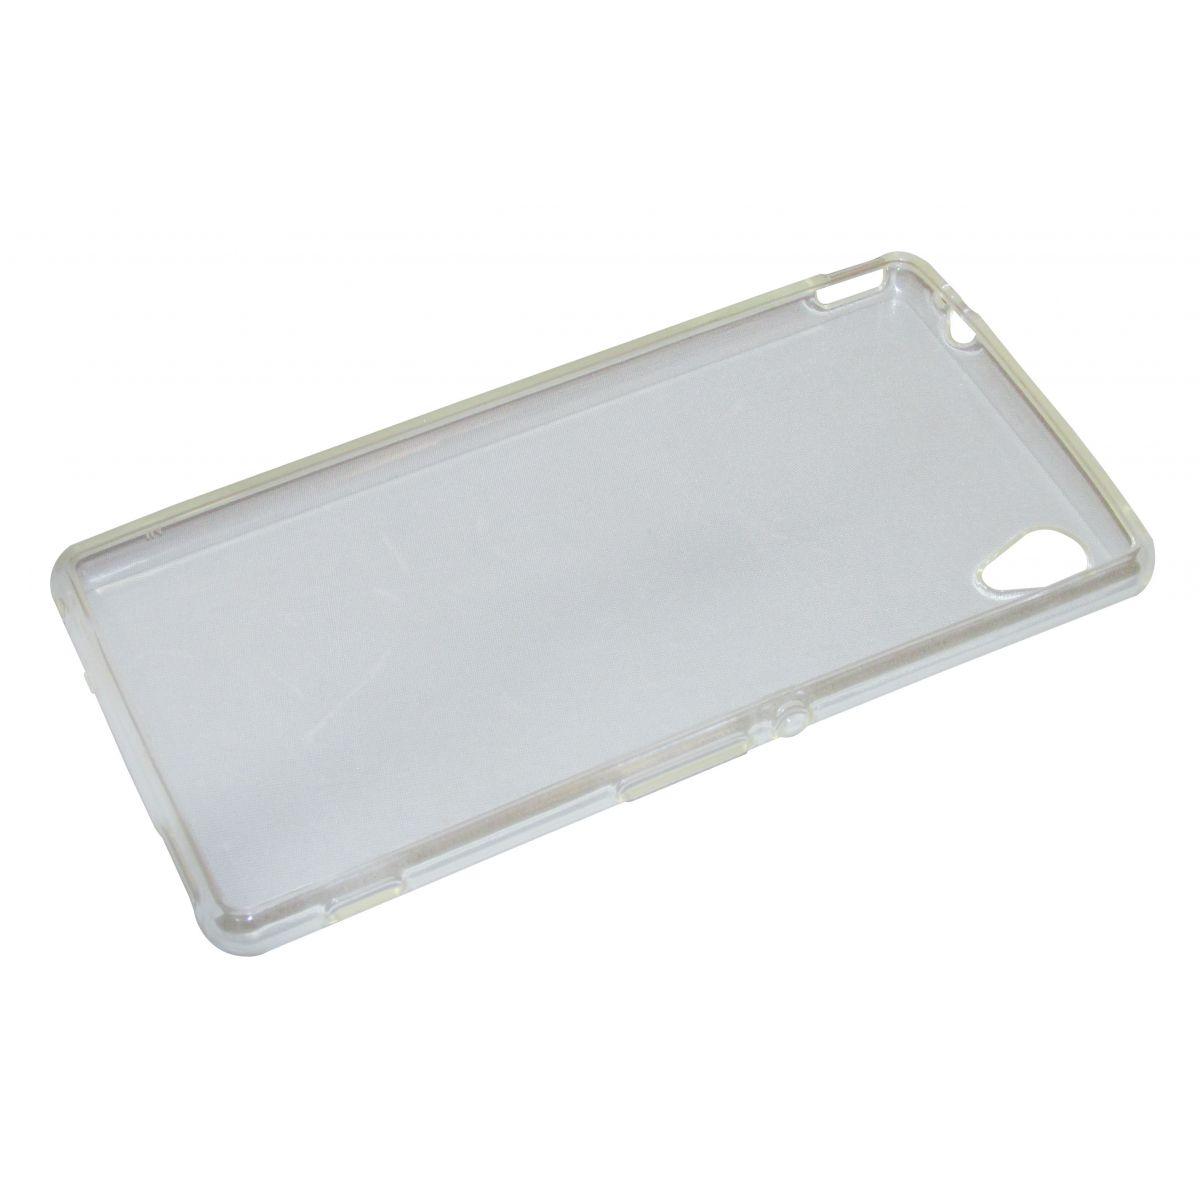 Capa TPU Transparente Sony Xperia M4 Aqua Dual 7068 + Película Flexível